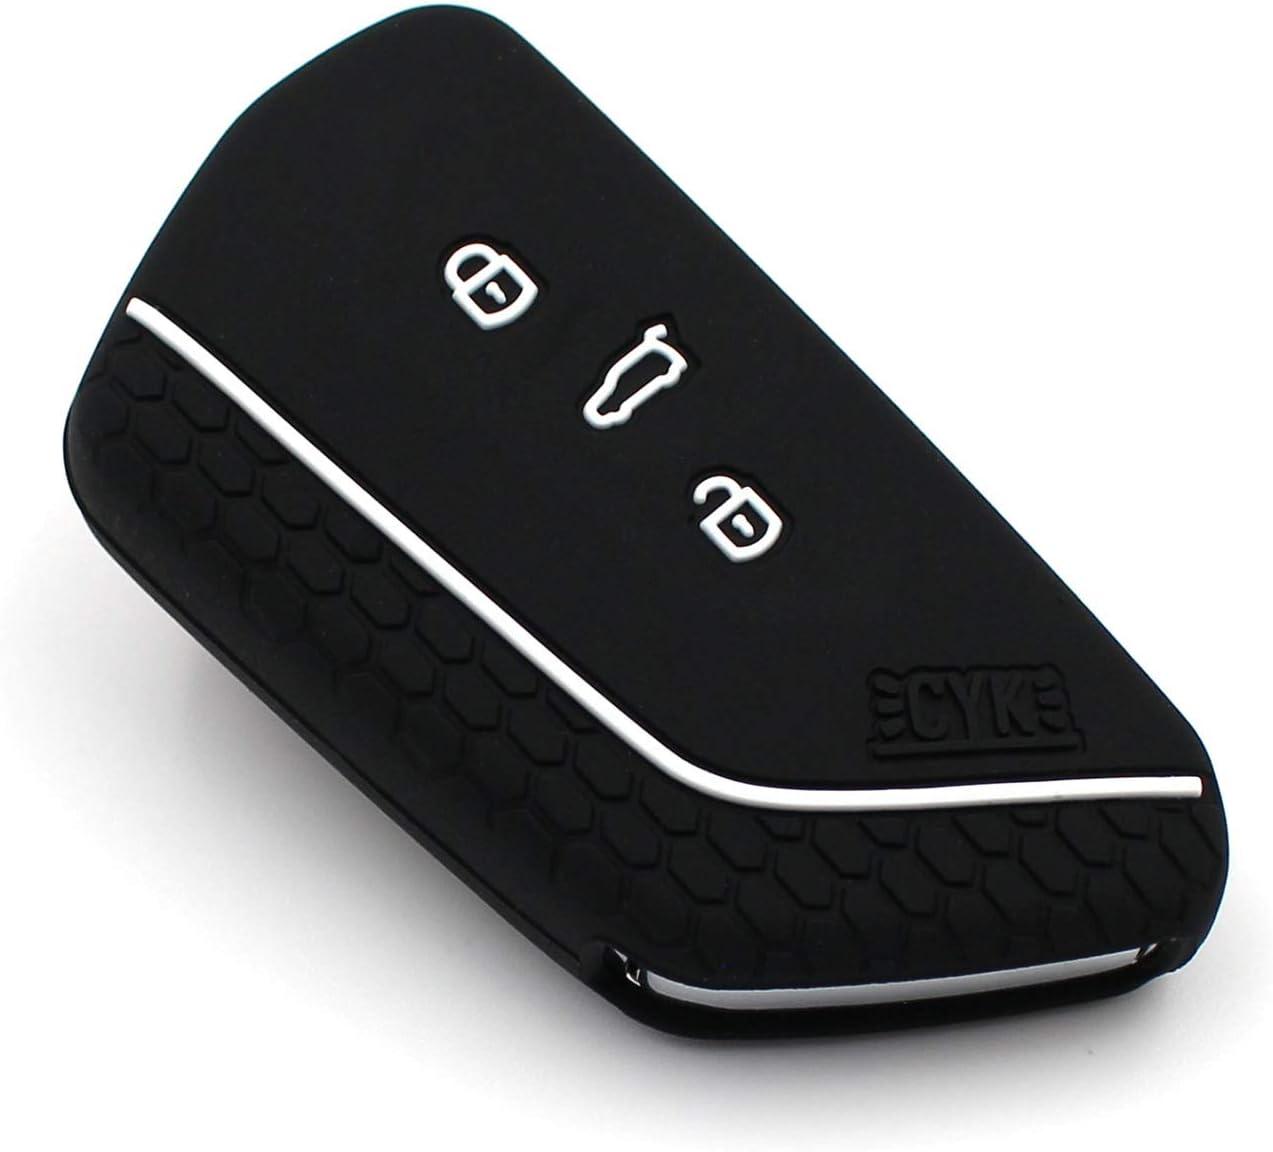 Schlüssel Hülle Vf Für 3 Tasten Auto Schlüssel Silikon Elektronik